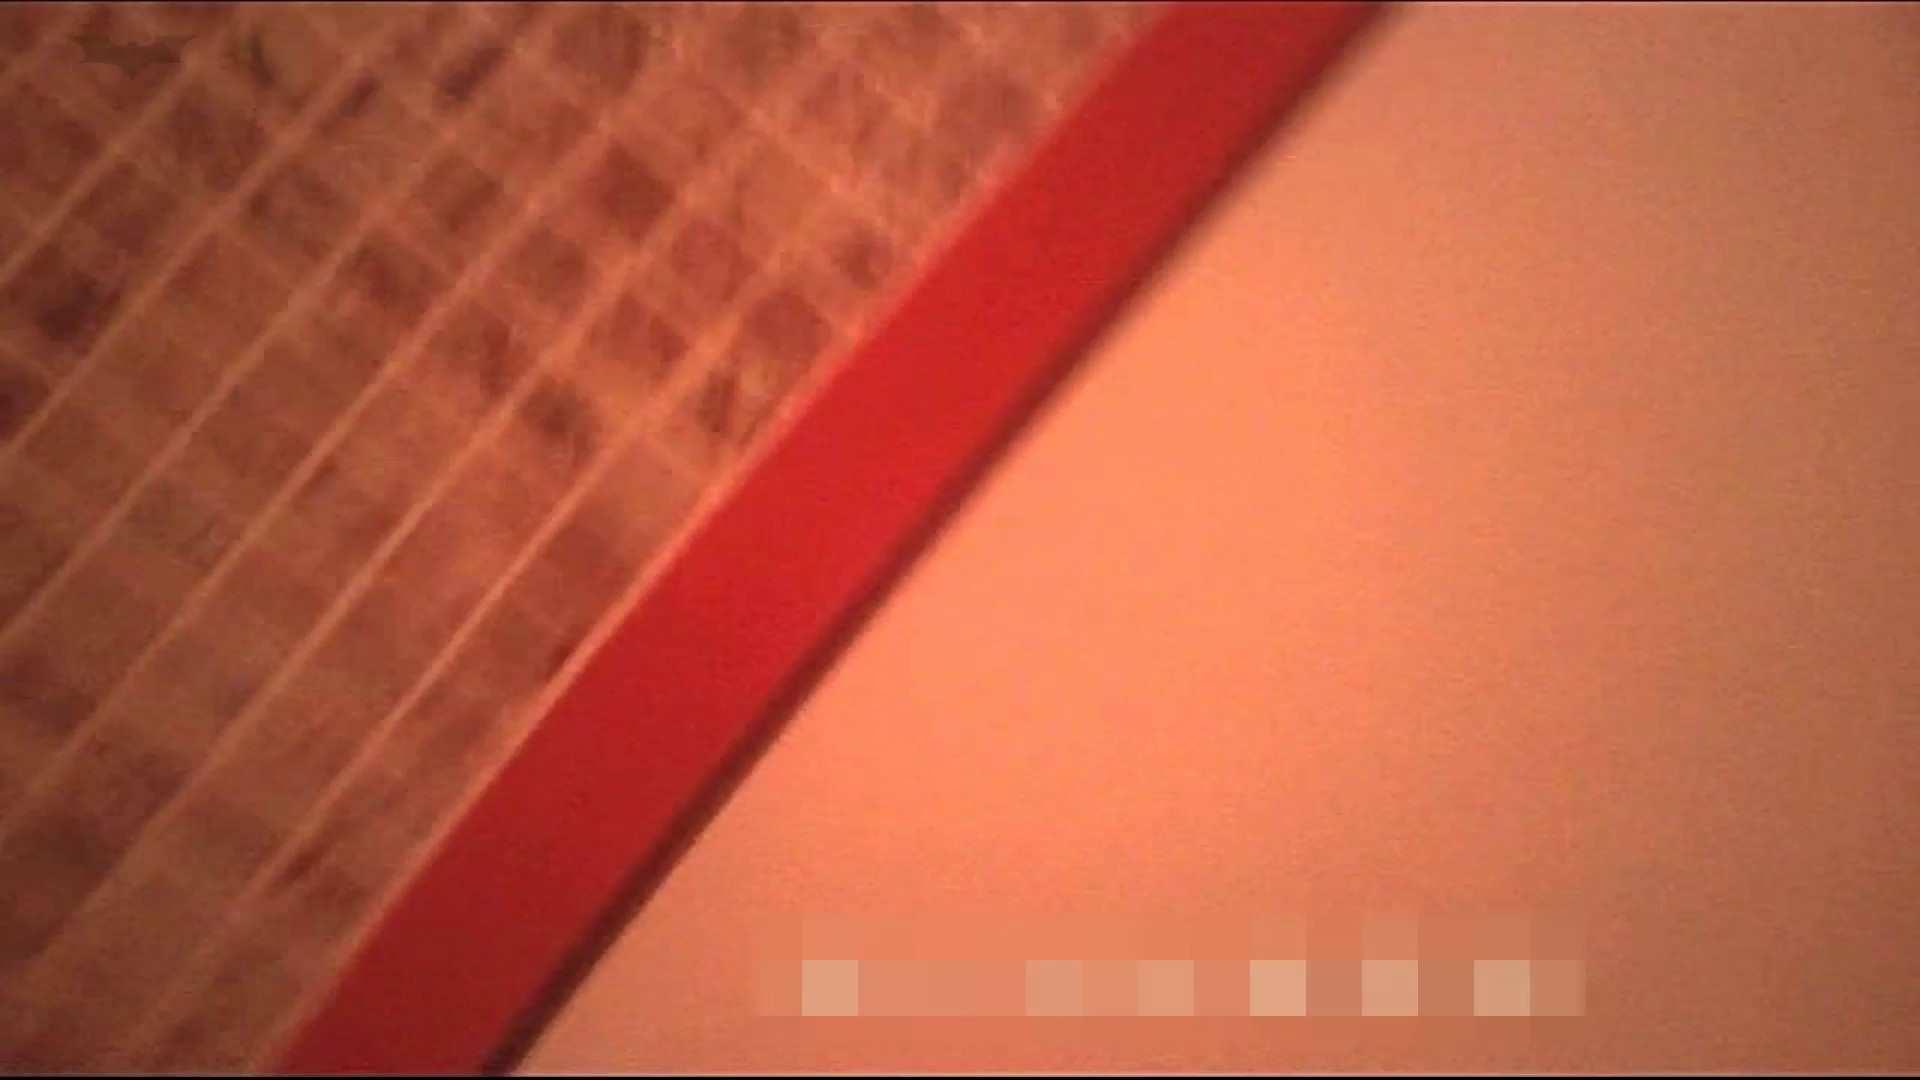 爆乳!!教育学部 じゅんちゃん  Vol.31 脱衣編 OLのボディ   爆乳  89PIX 65